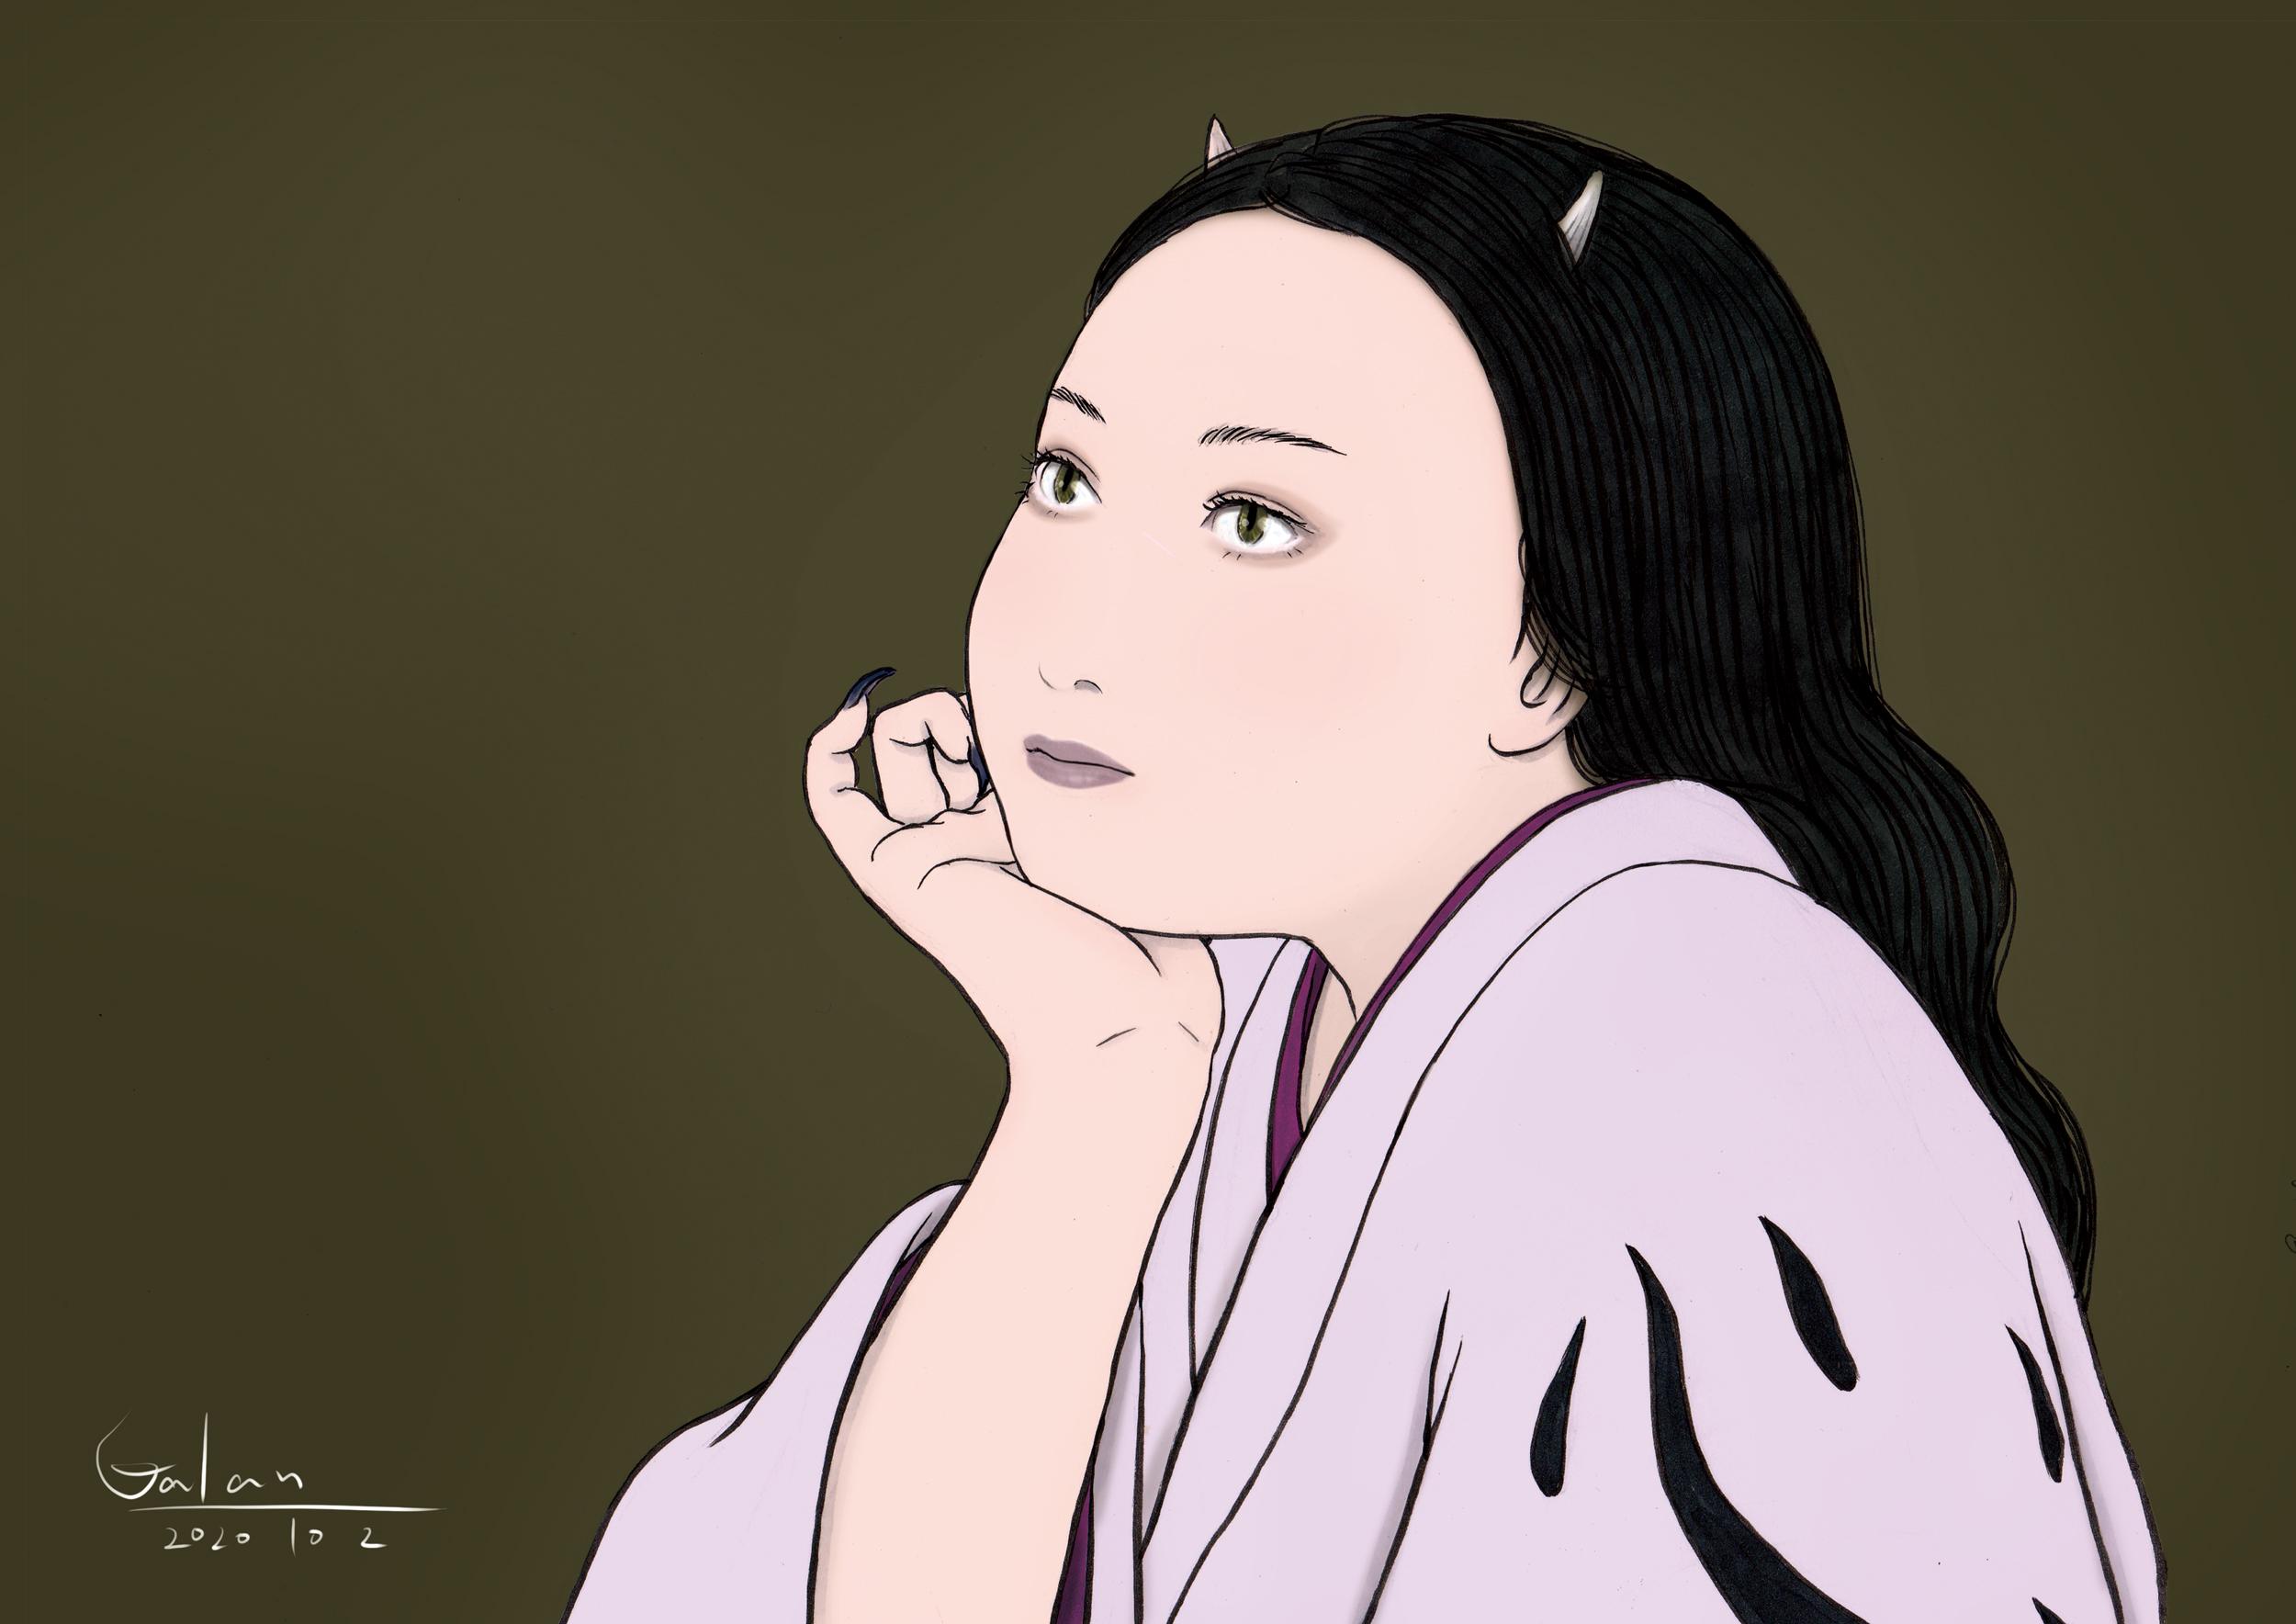 物思いにふける鬼嫁(color) ONIYOME